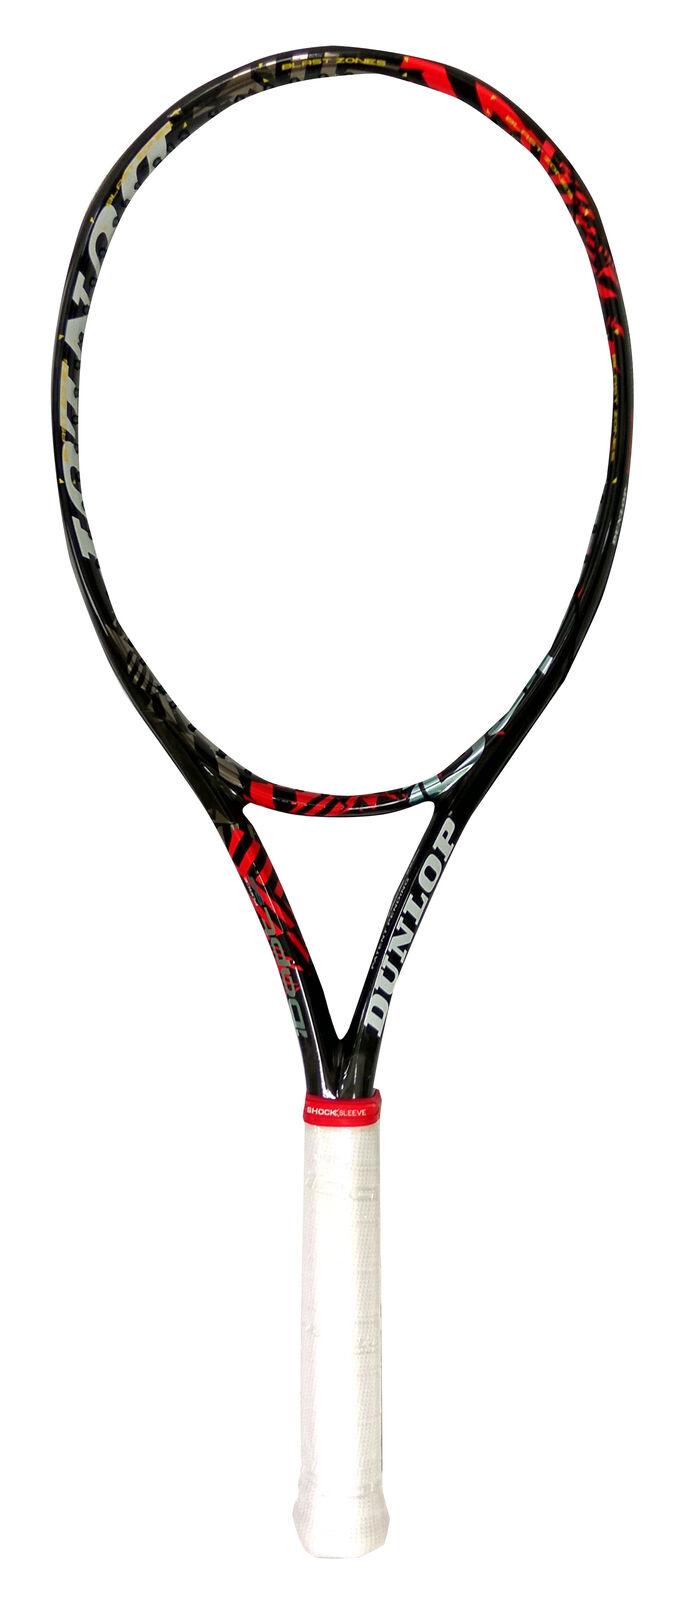 Dunlop IDAPT Force 98 voiturebone Rouge Raquette de tennis raquette 4 1 4 (27 Pouces) - REG 199